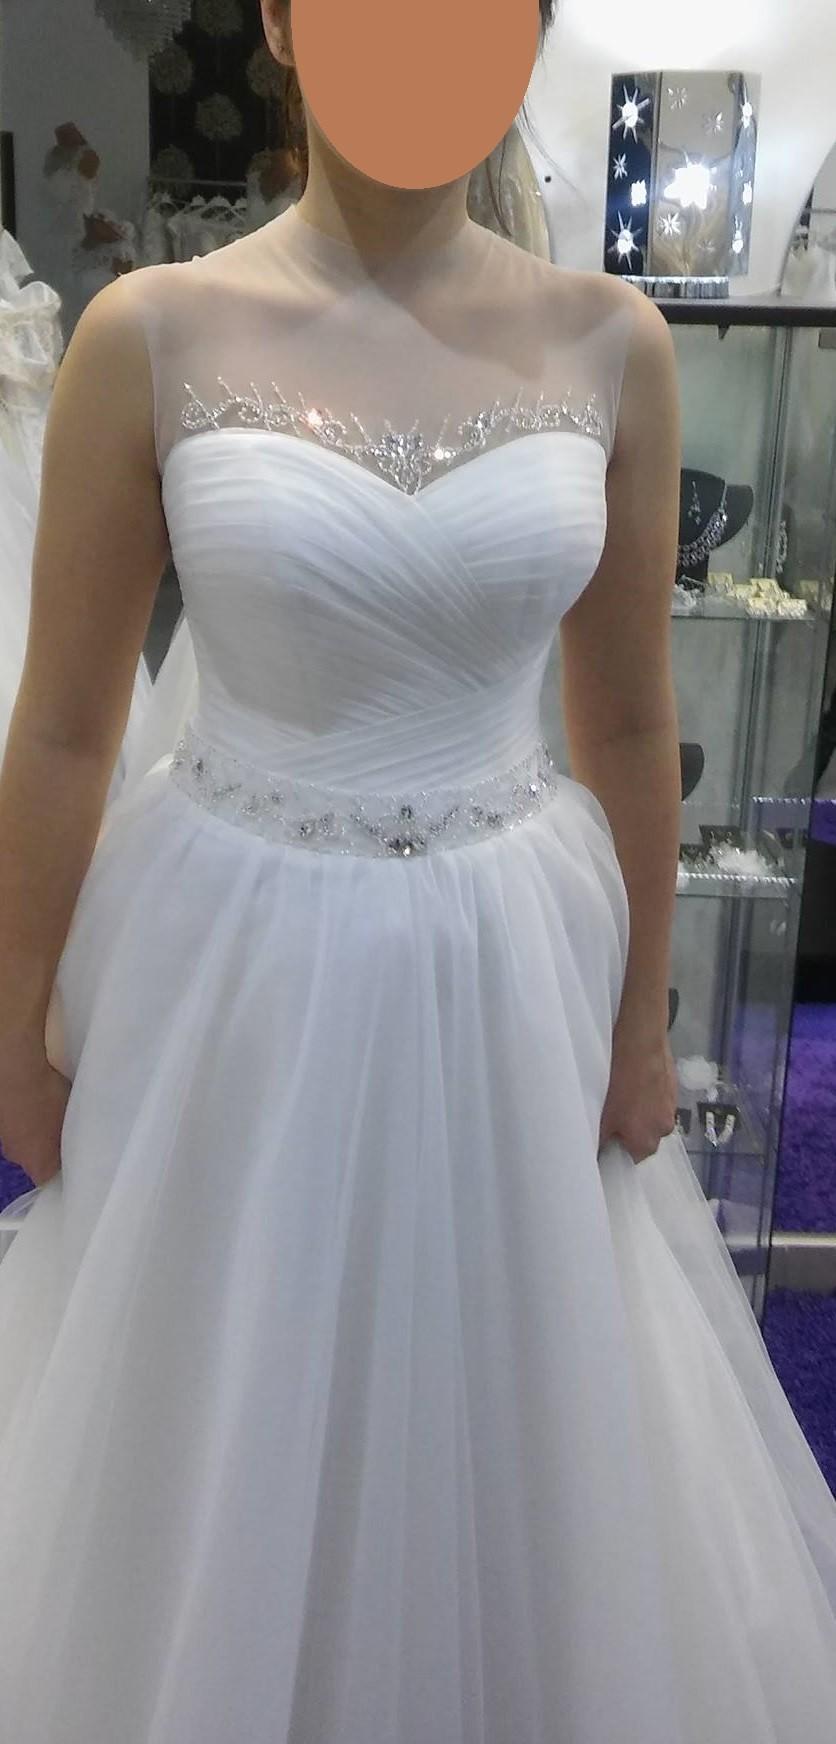 Cudowna Niepowtarzalna suknia ślubna - golf - kryształy Swarovskiego MH73